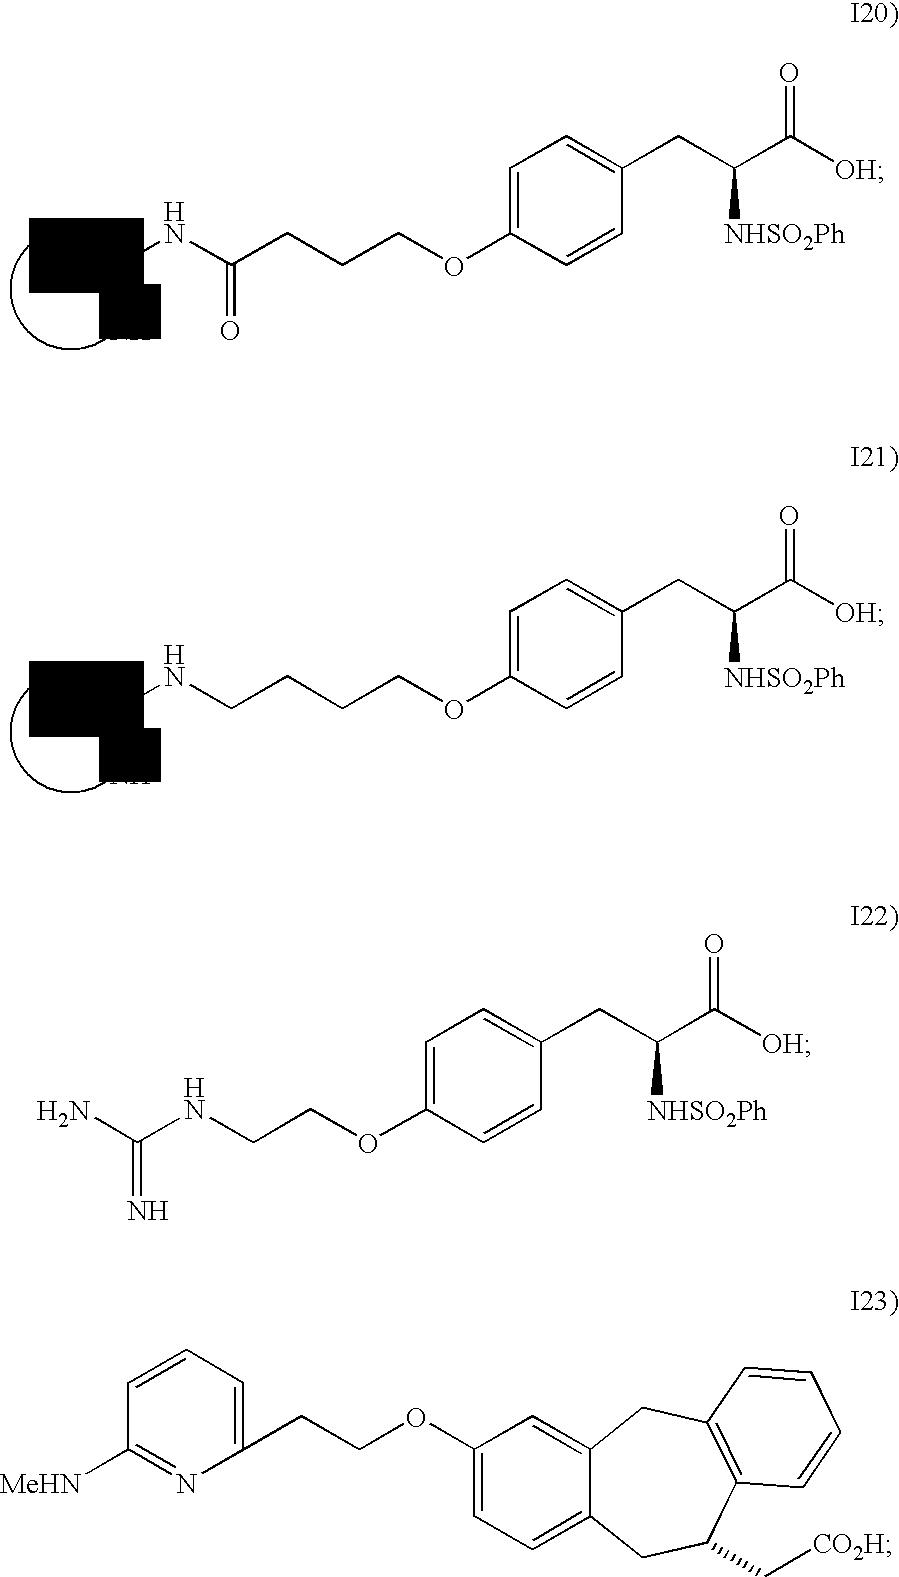 Figure US06833373-20041221-C00019